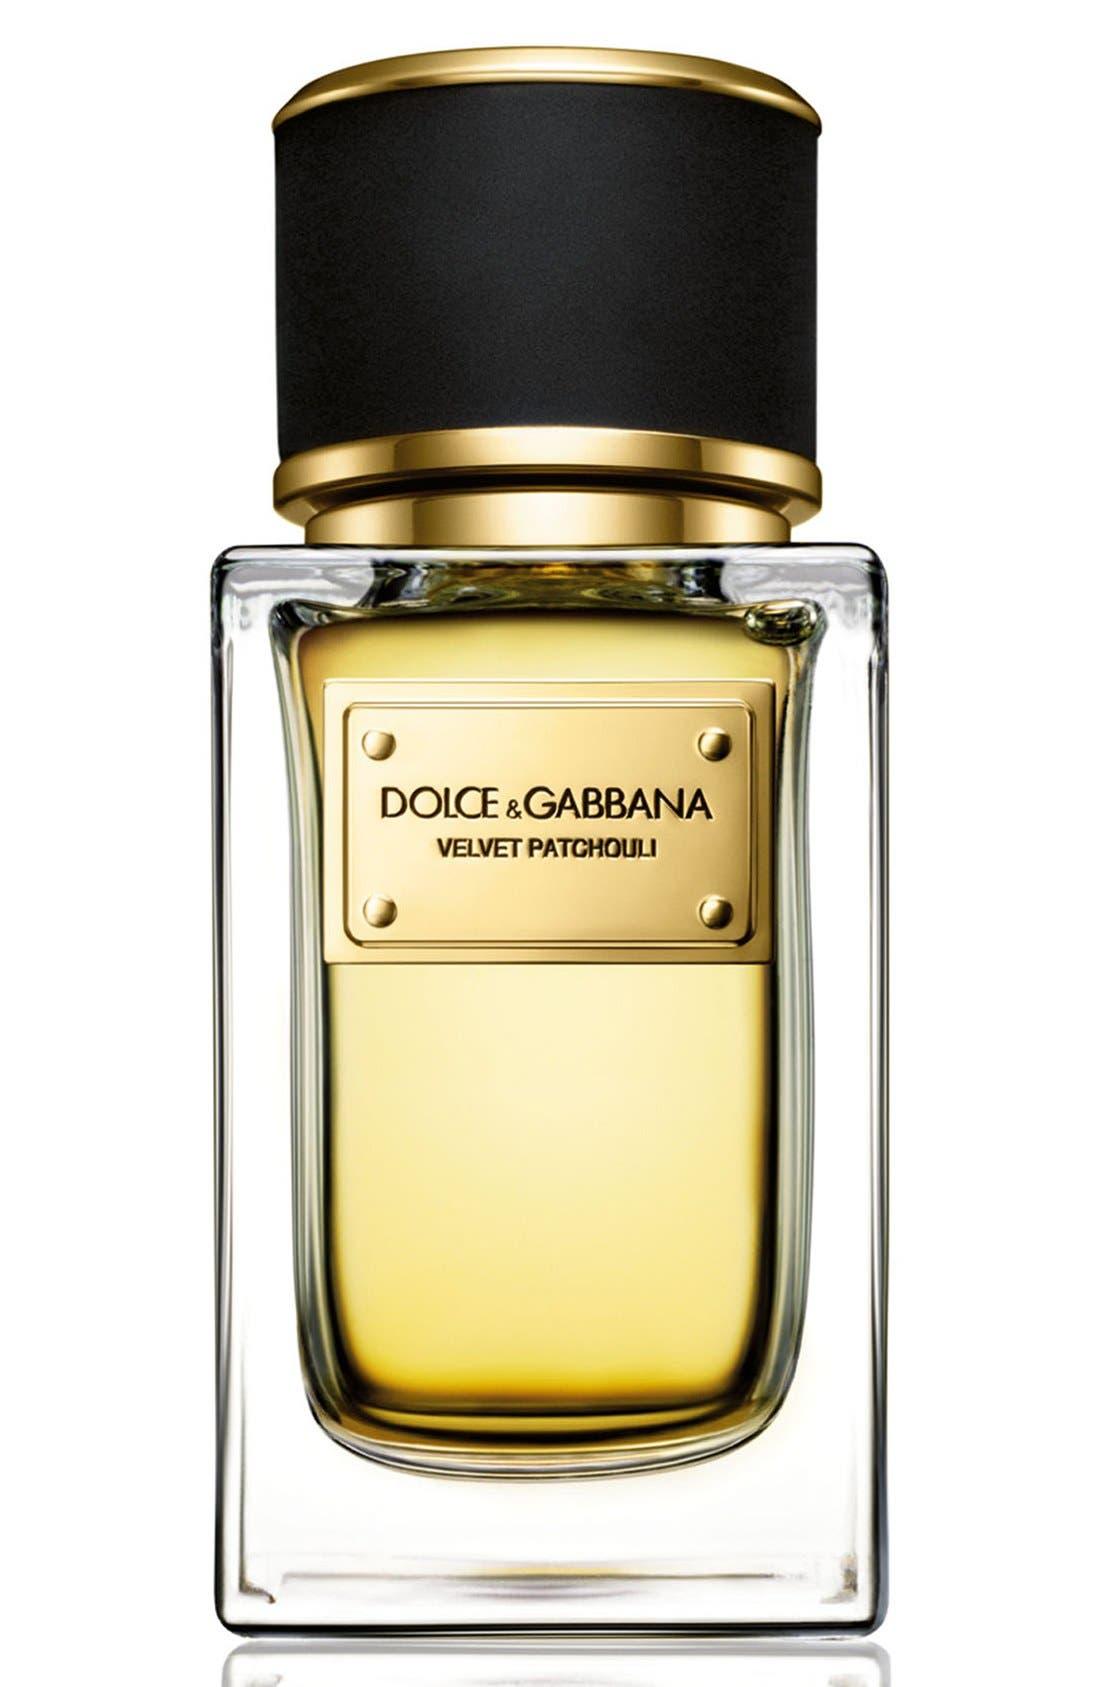 Dolce&GabbanaBeauty 'Velvet Patchouli' Eau de Parfum